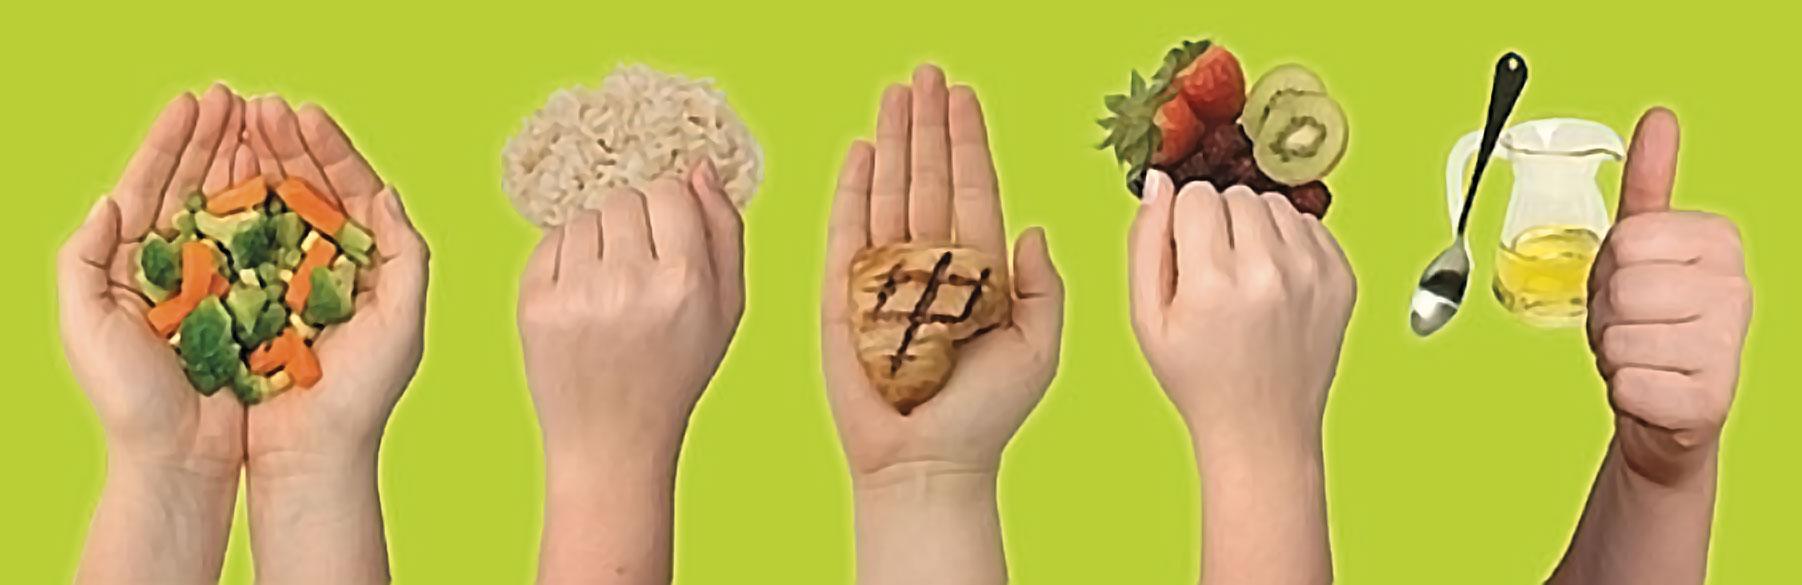 порция в граммах для похудения